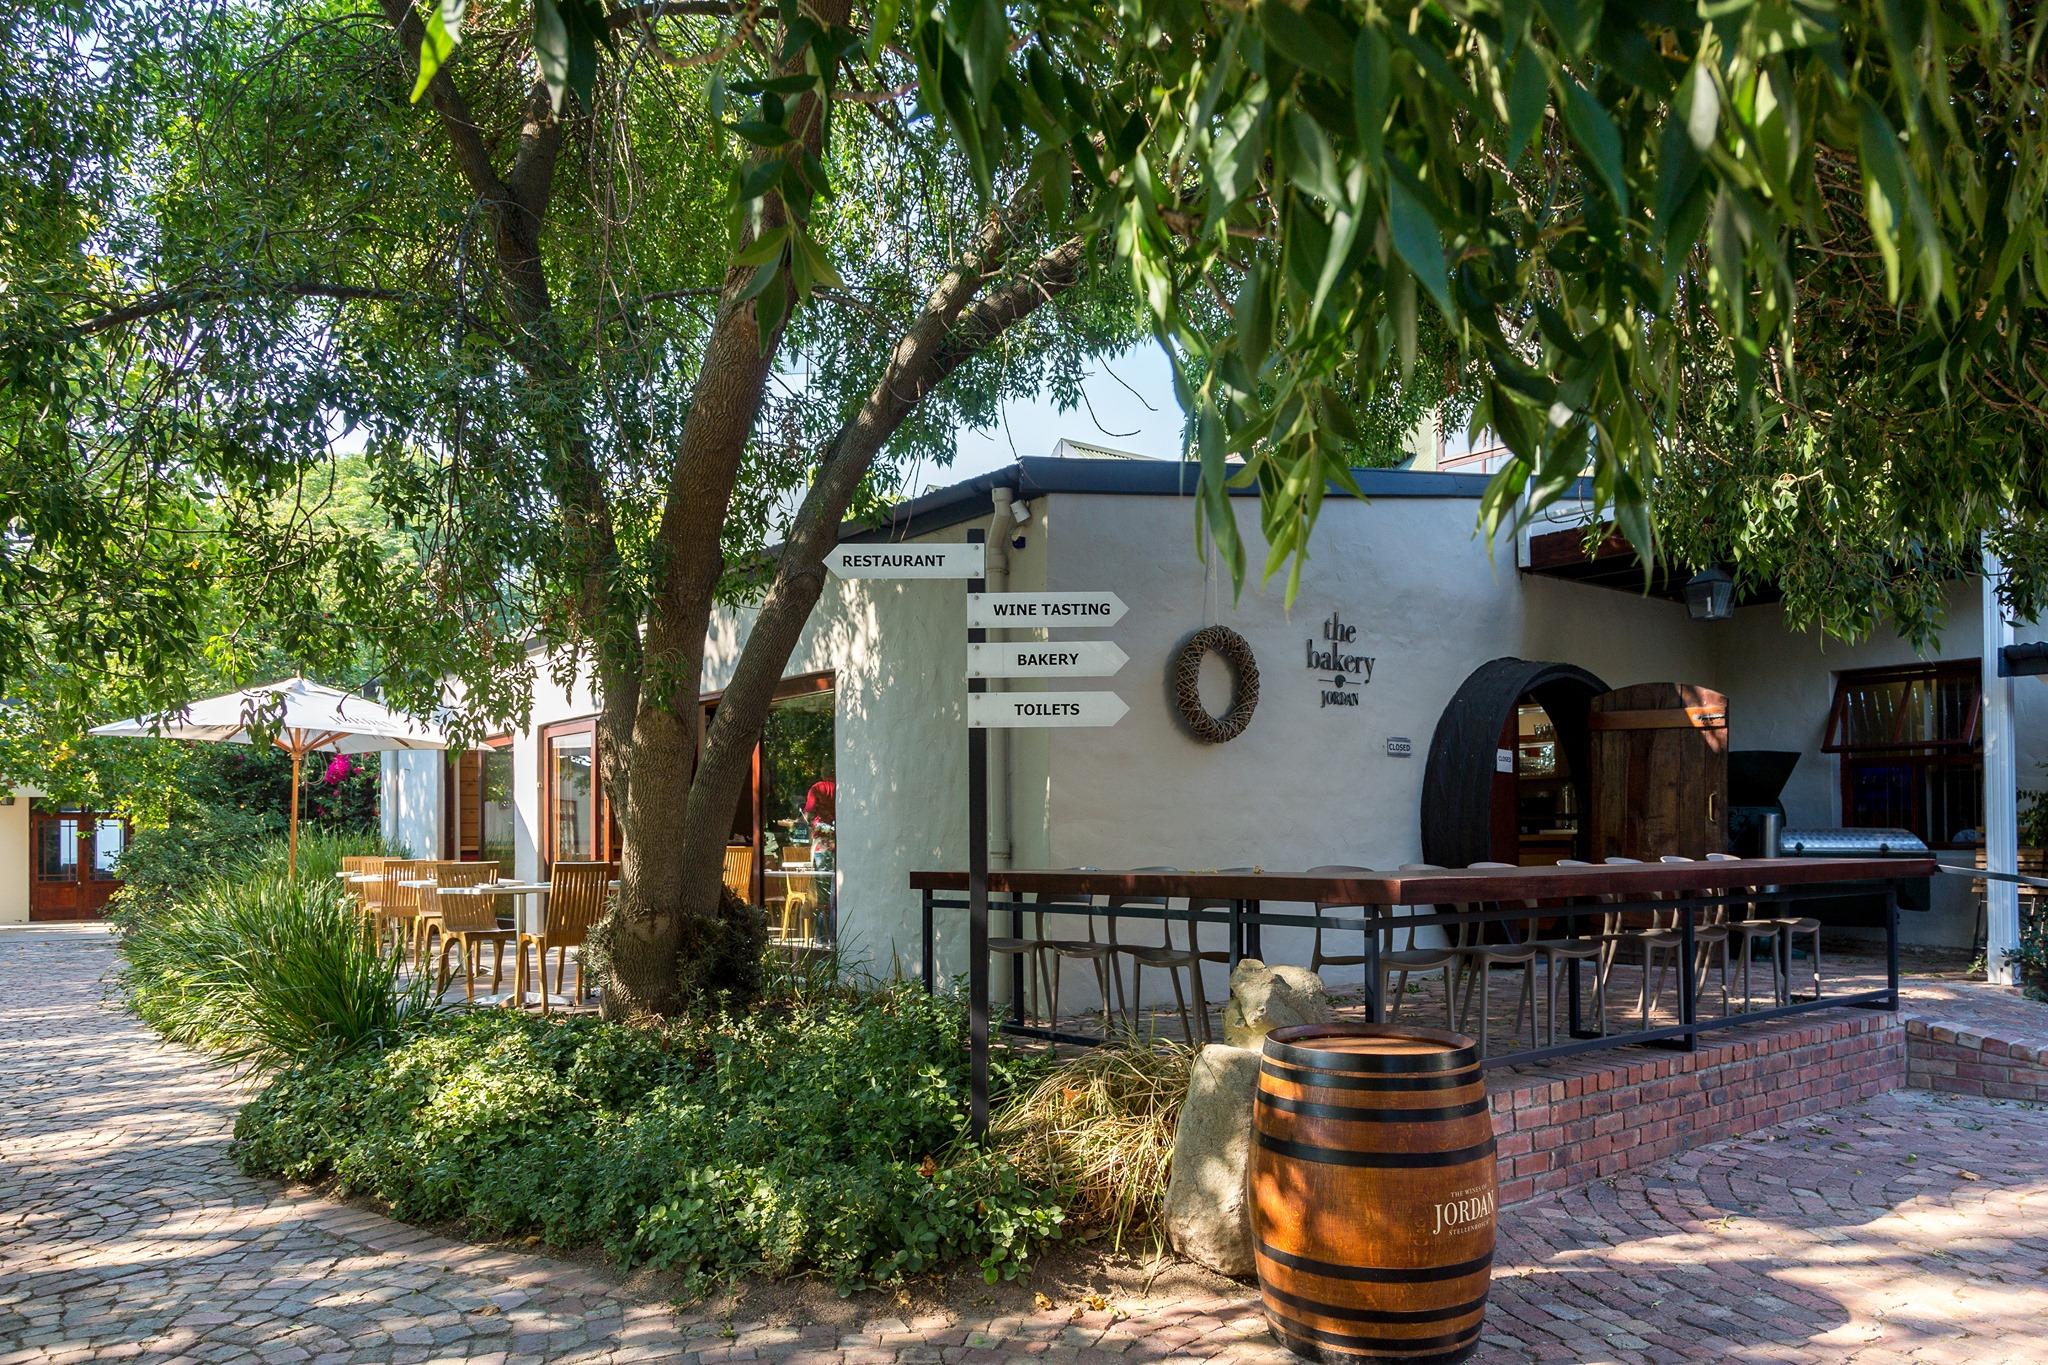 Jordan Wine Estate Presents The Cellar Door photo